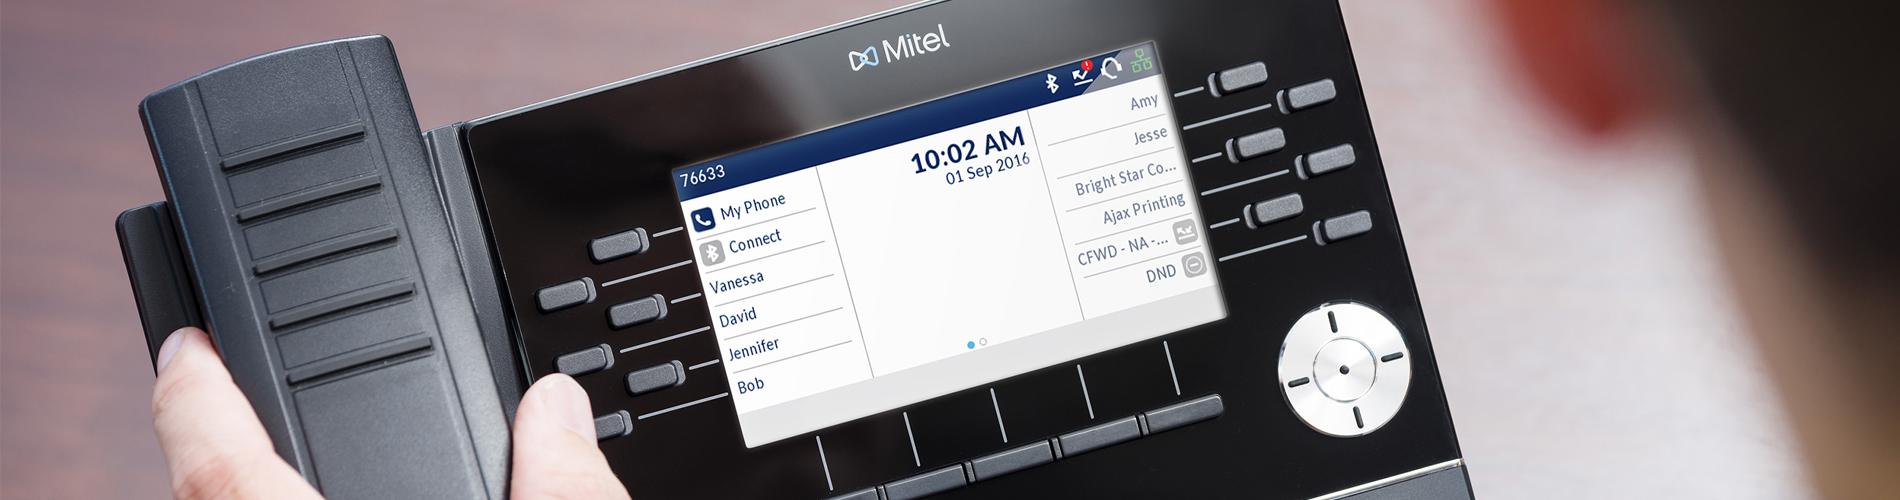 MiVoice MX One Product Image